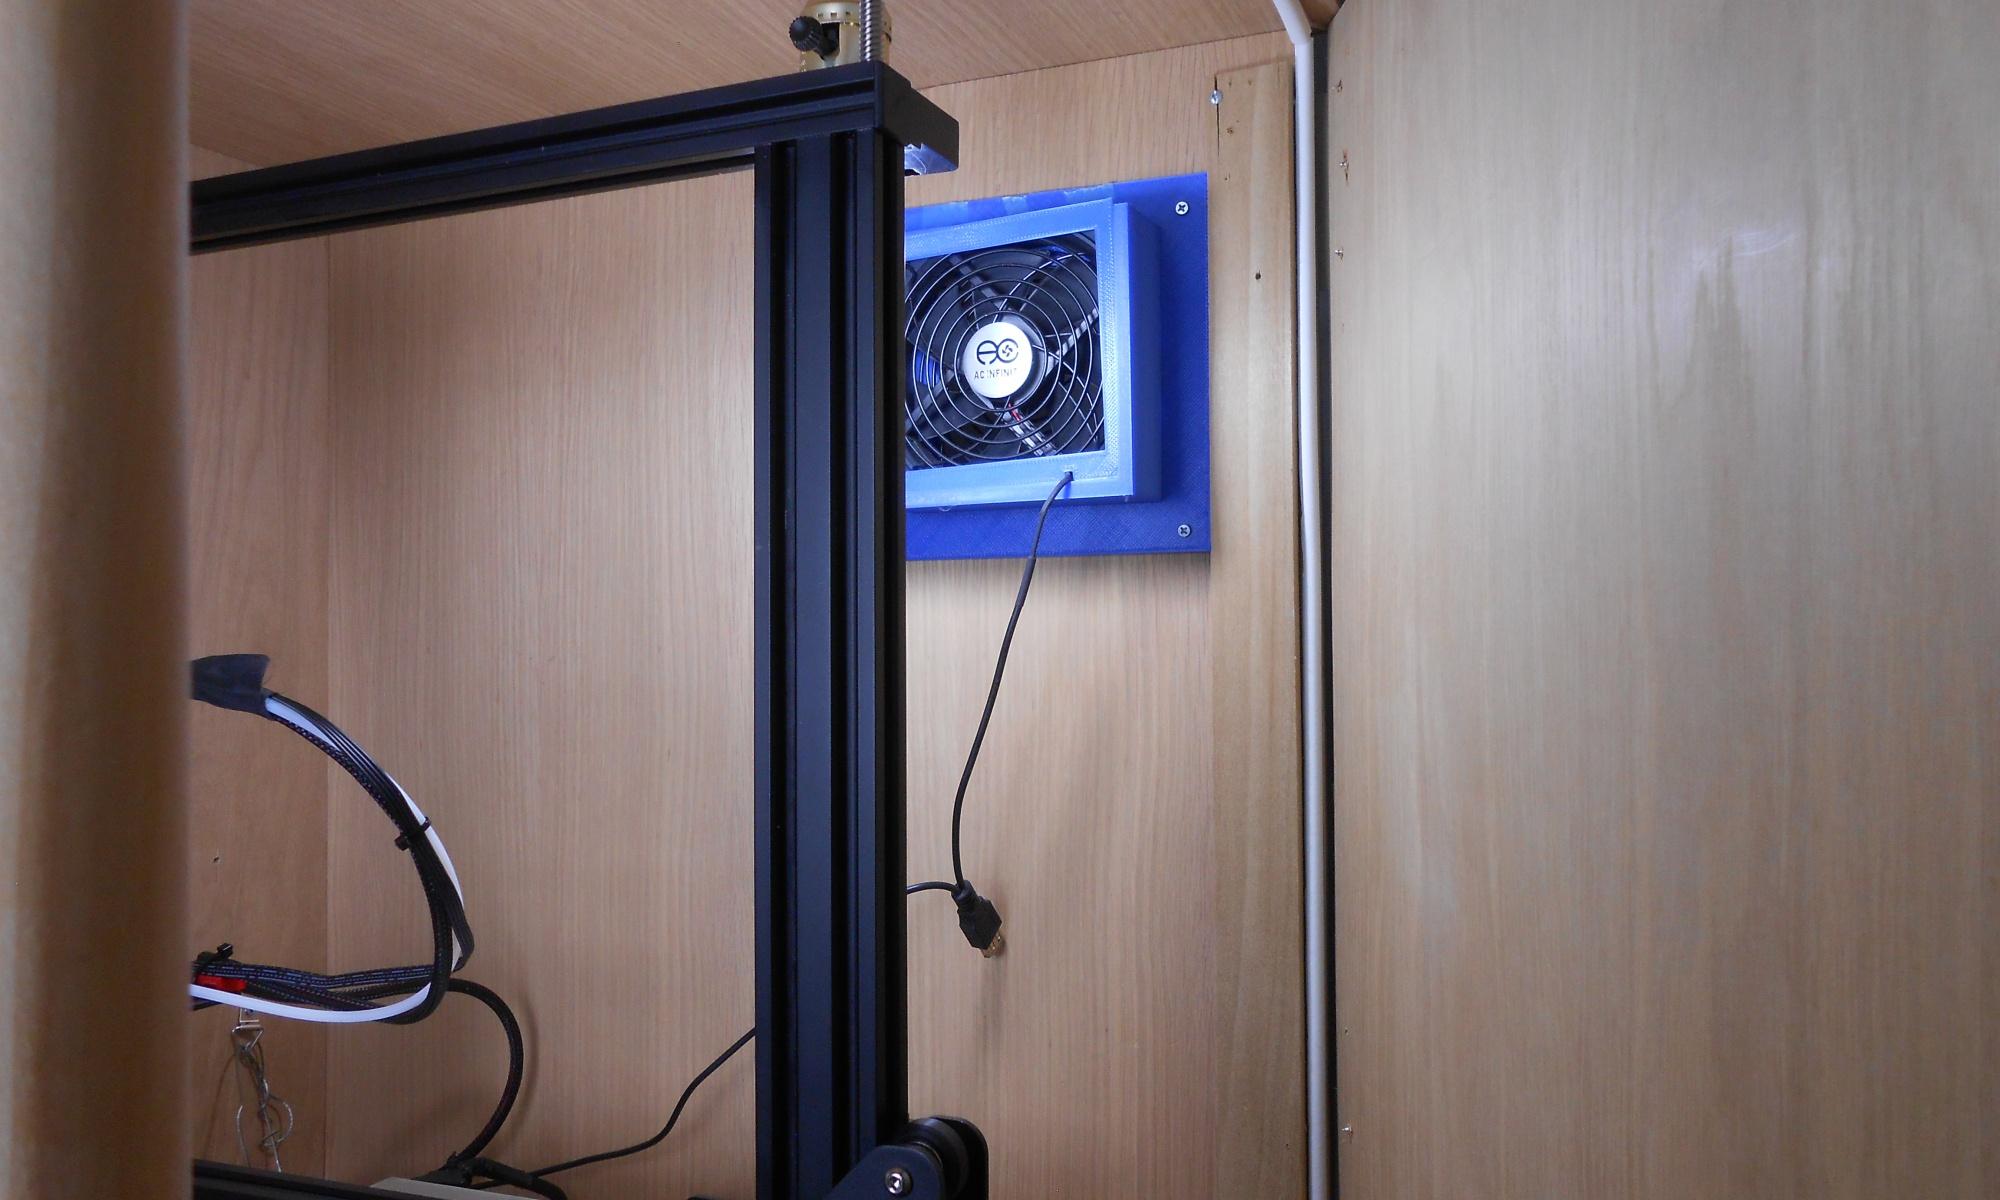 z_axis upgrade CR10 mini desktop-am.computer